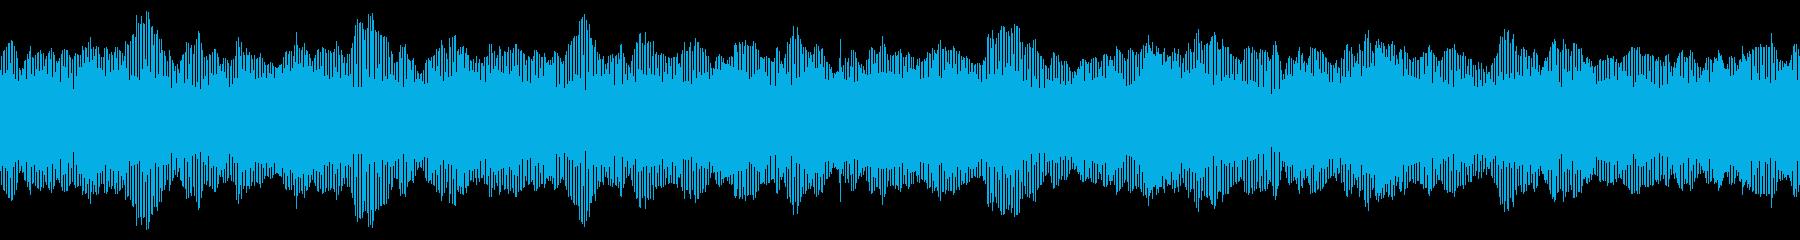 ドローン、セキュリティブランケットの再生済みの波形